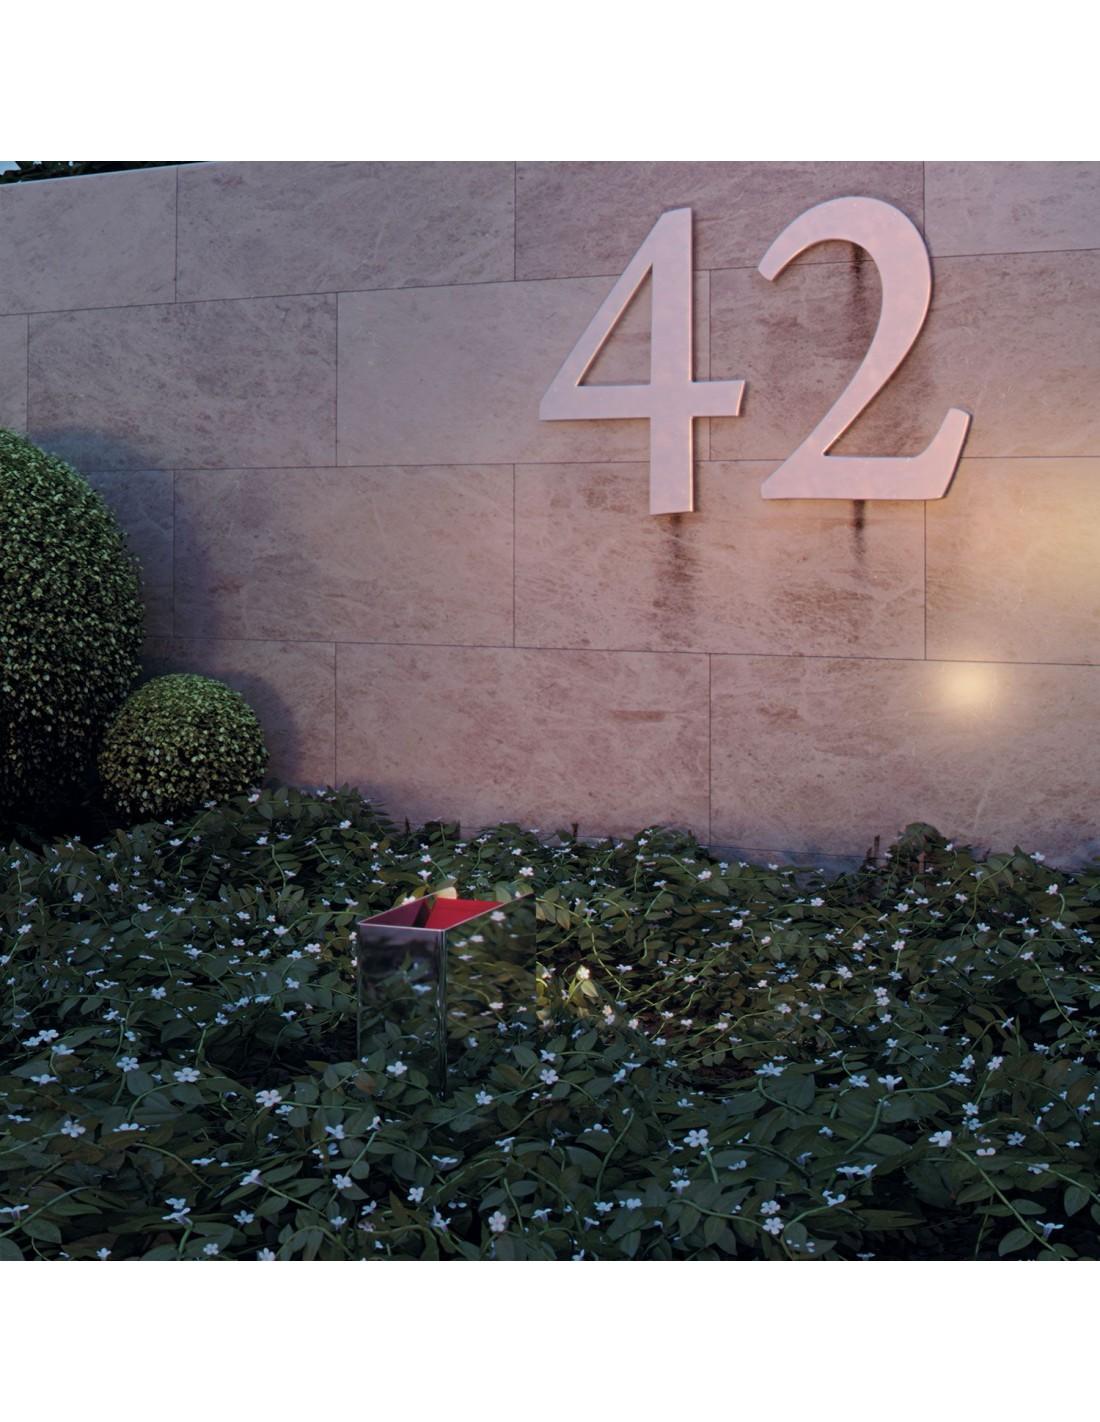 Éclairage pour extérieur avec la borne de jardin NON de la marque Royal Botania en vente chez Valente Design